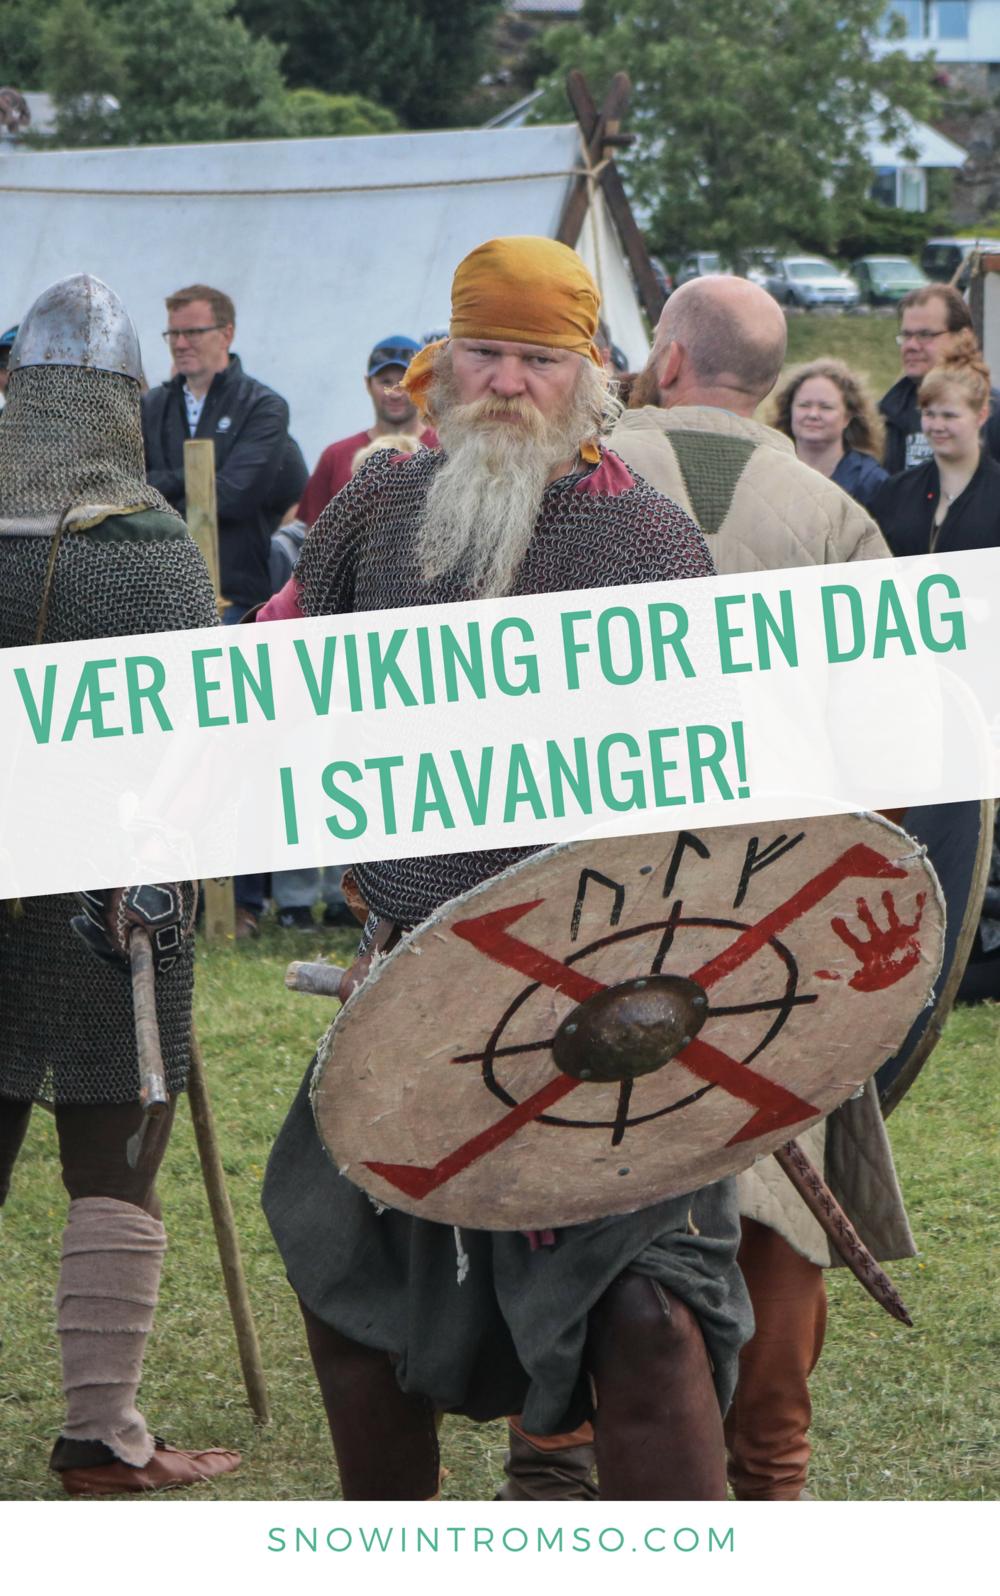 Følg meg på vikingemarkedet på Hafrsfjord i Stavanger, for å se hvordan de ekte vikingene var!